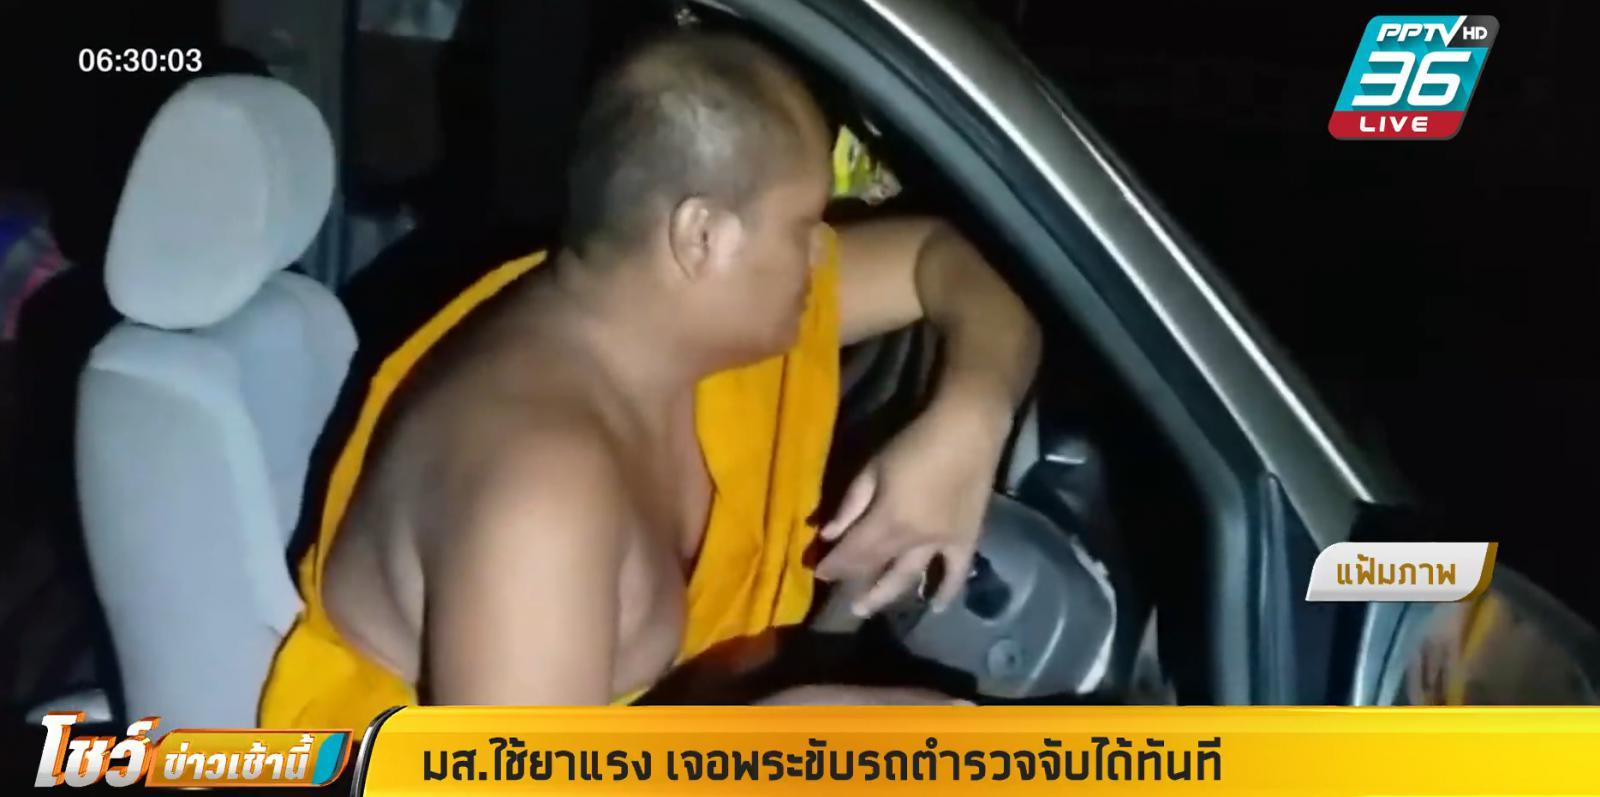 มส.ใช้ยาแรง เจอพระขับรถ ให้ตำรวจจับได้ทันที